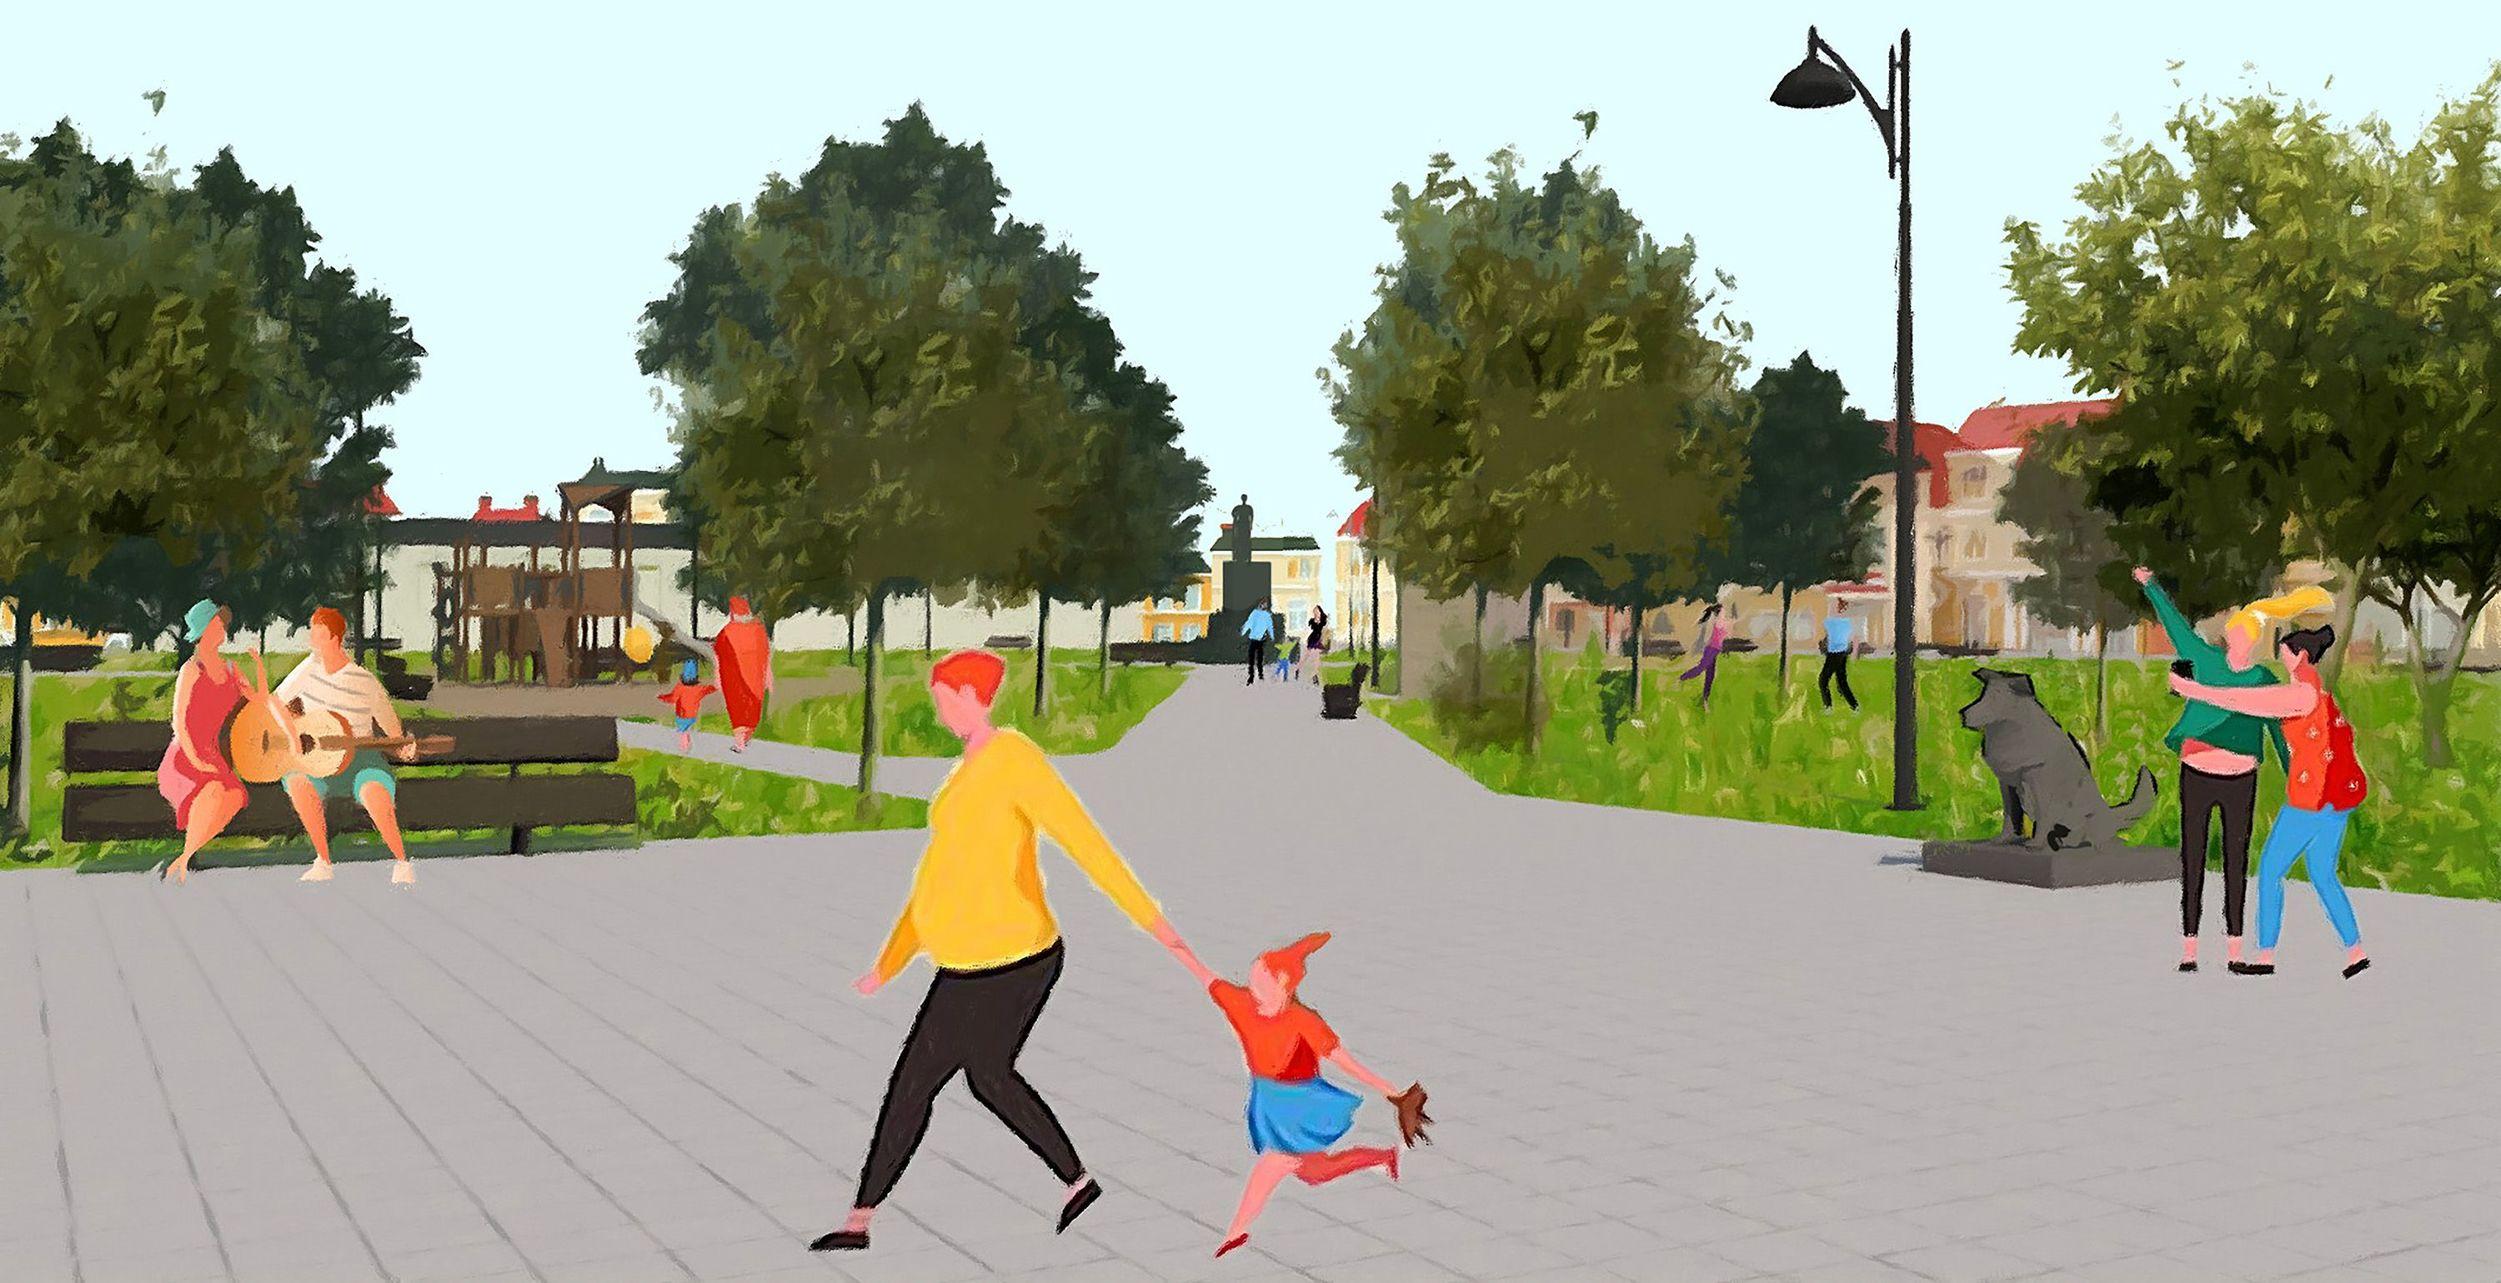 Концепция меняет жизнь. В Данилове начали улучшать городскую среду